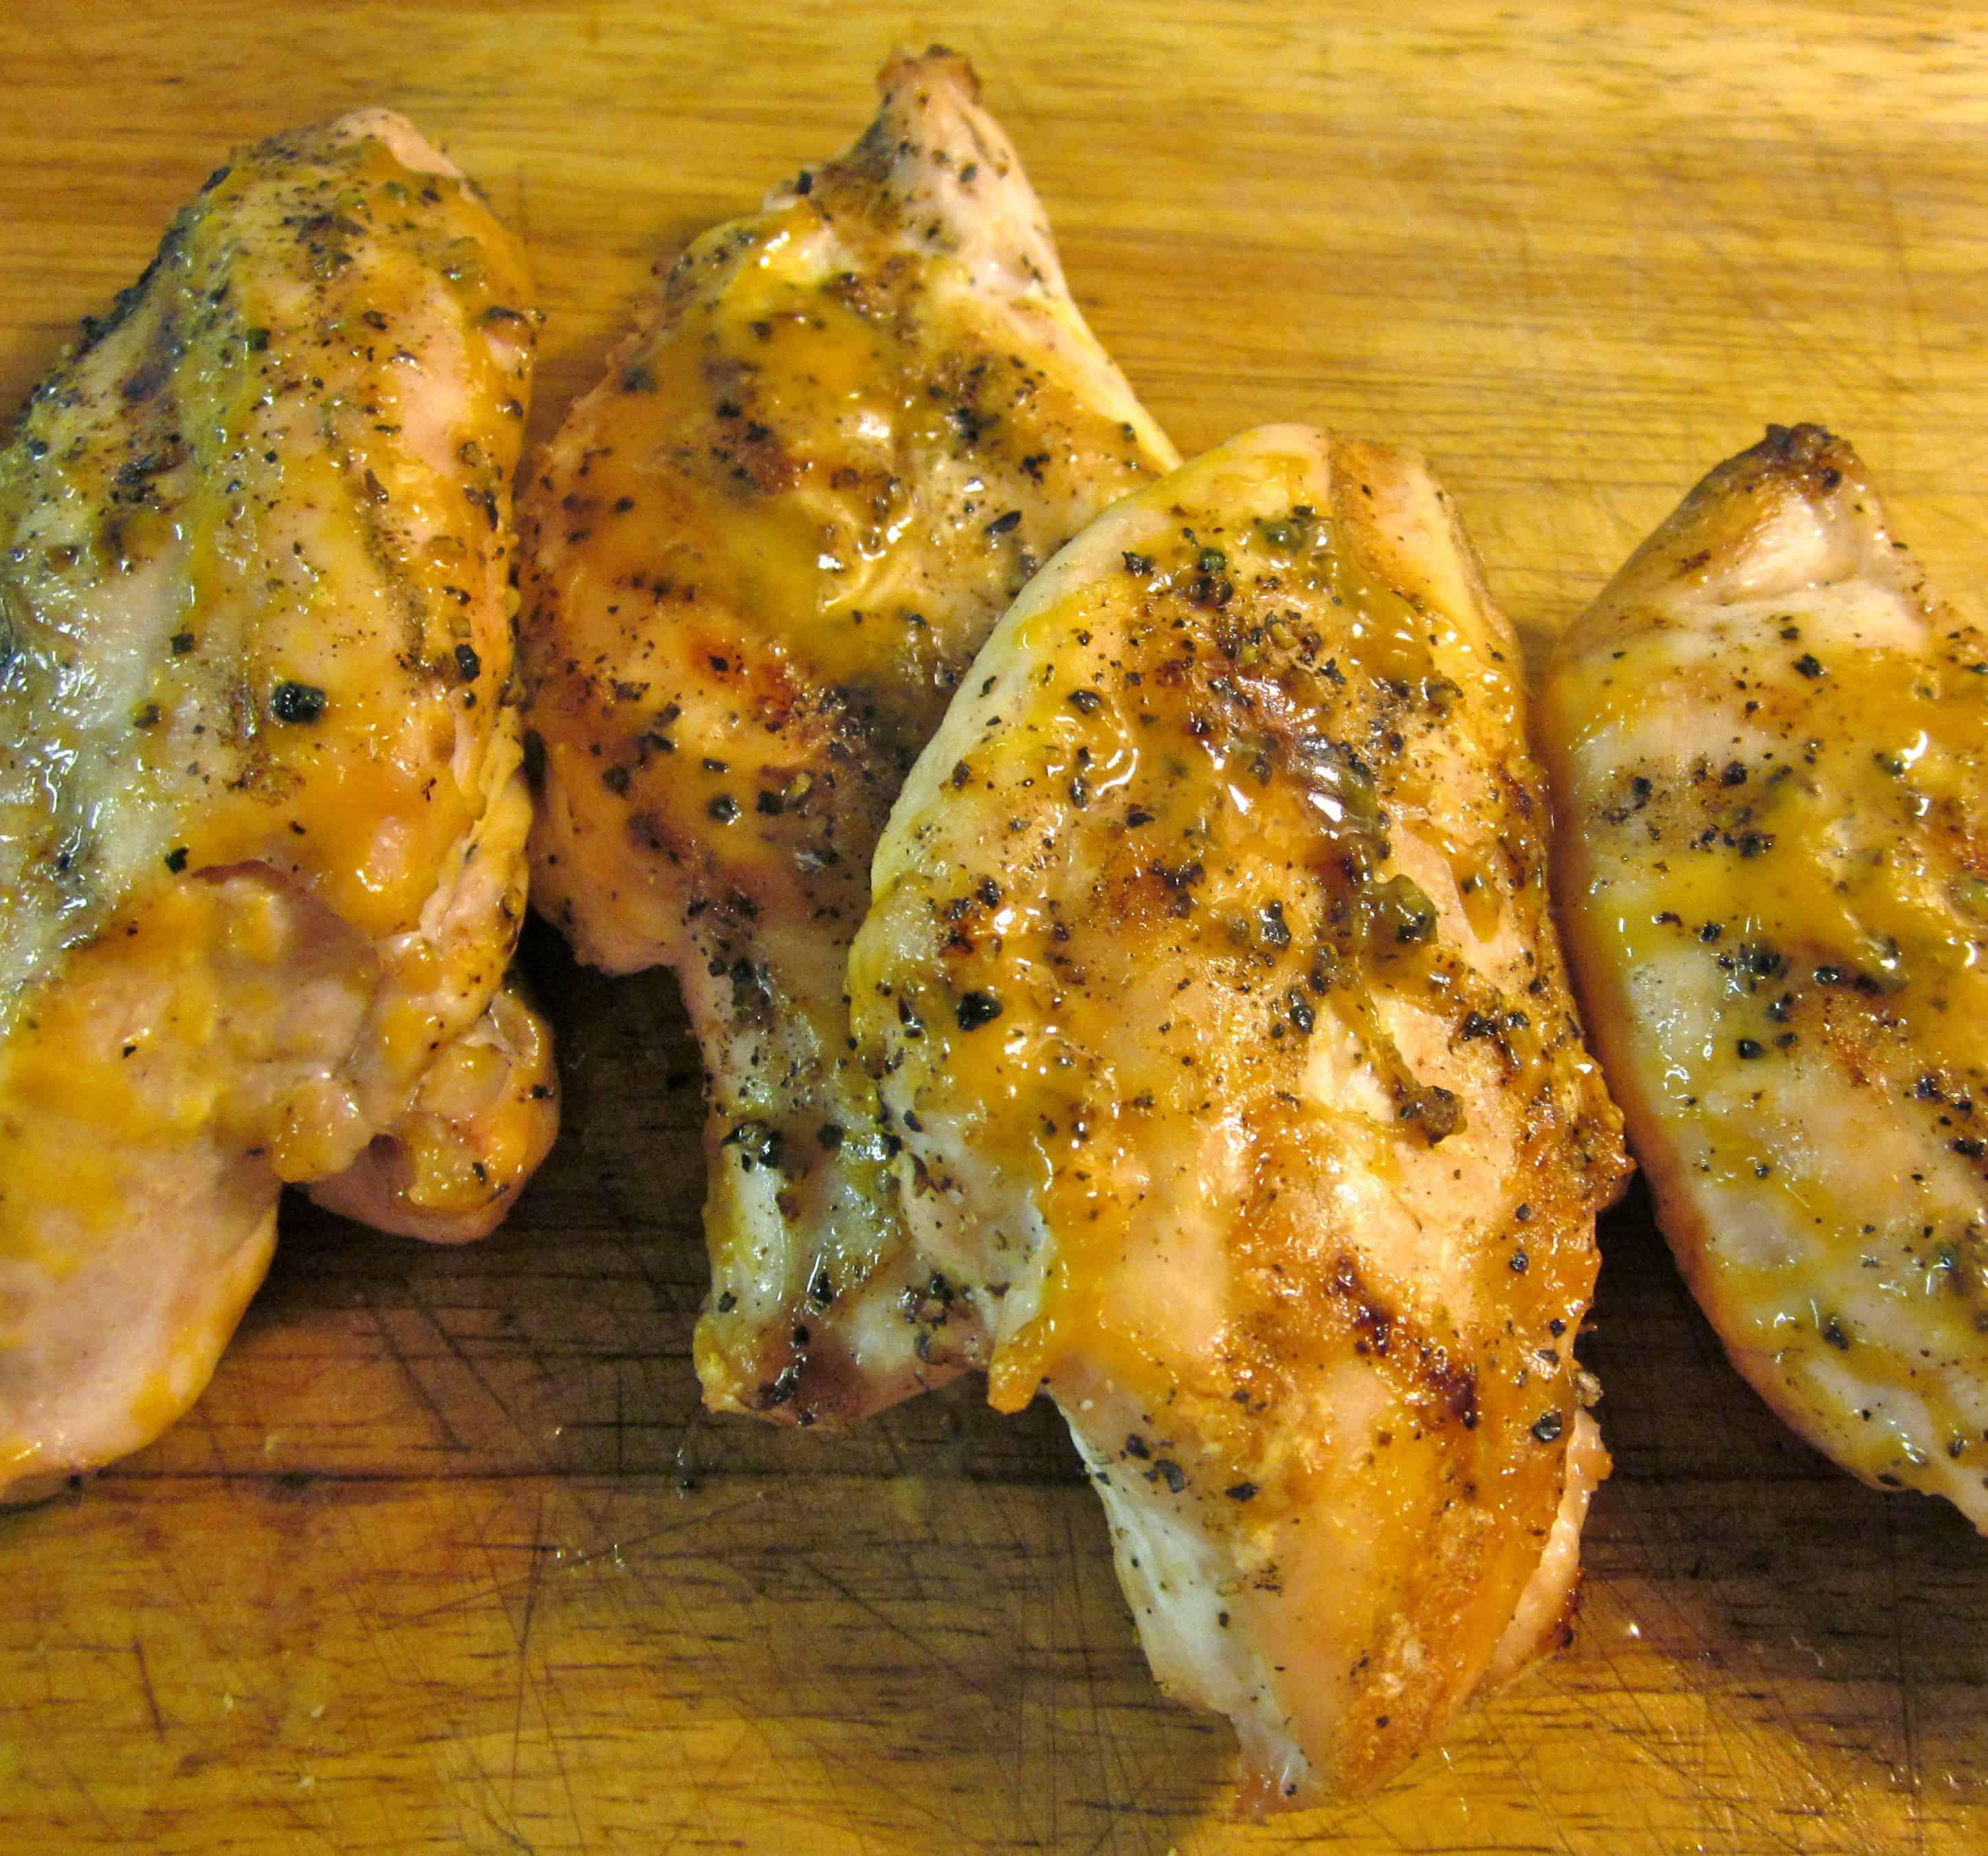 كيفية تجهيز دجاج مشوي بصلصة الخردل